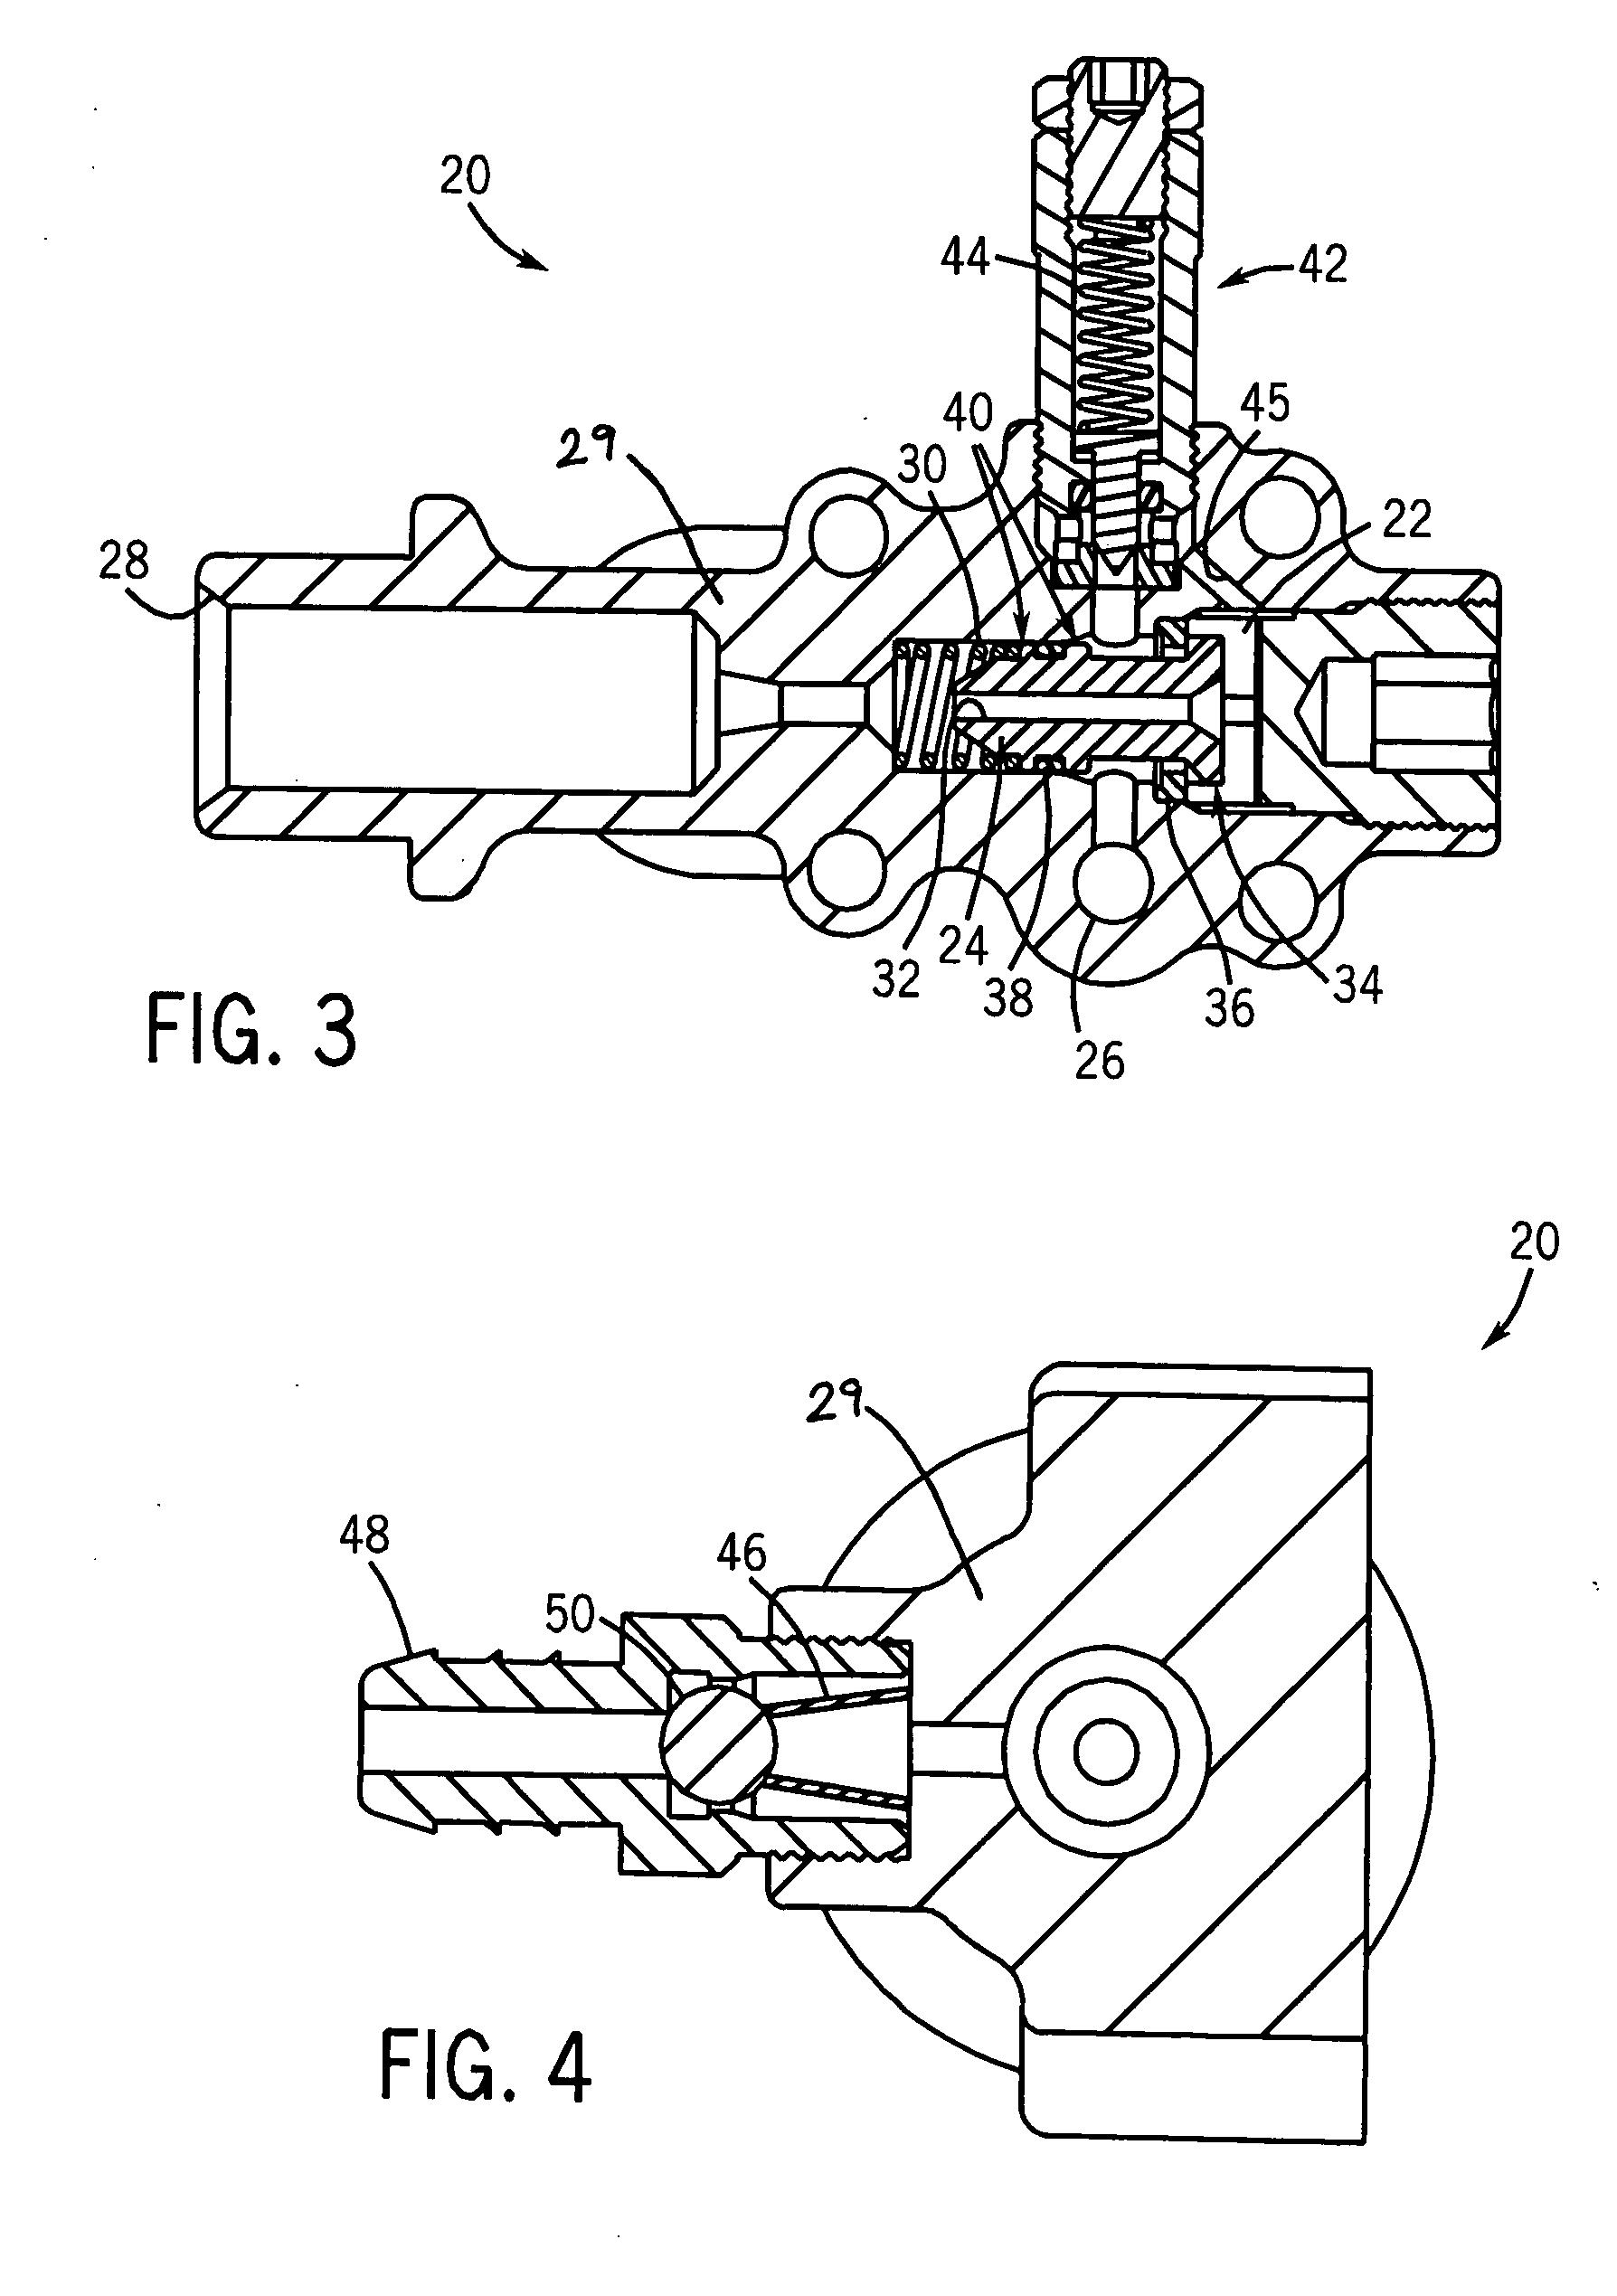 patent us20070267063 unloader valve for pressurized fluid delivery AR Pressure Washer Unloader Valve patent drawing